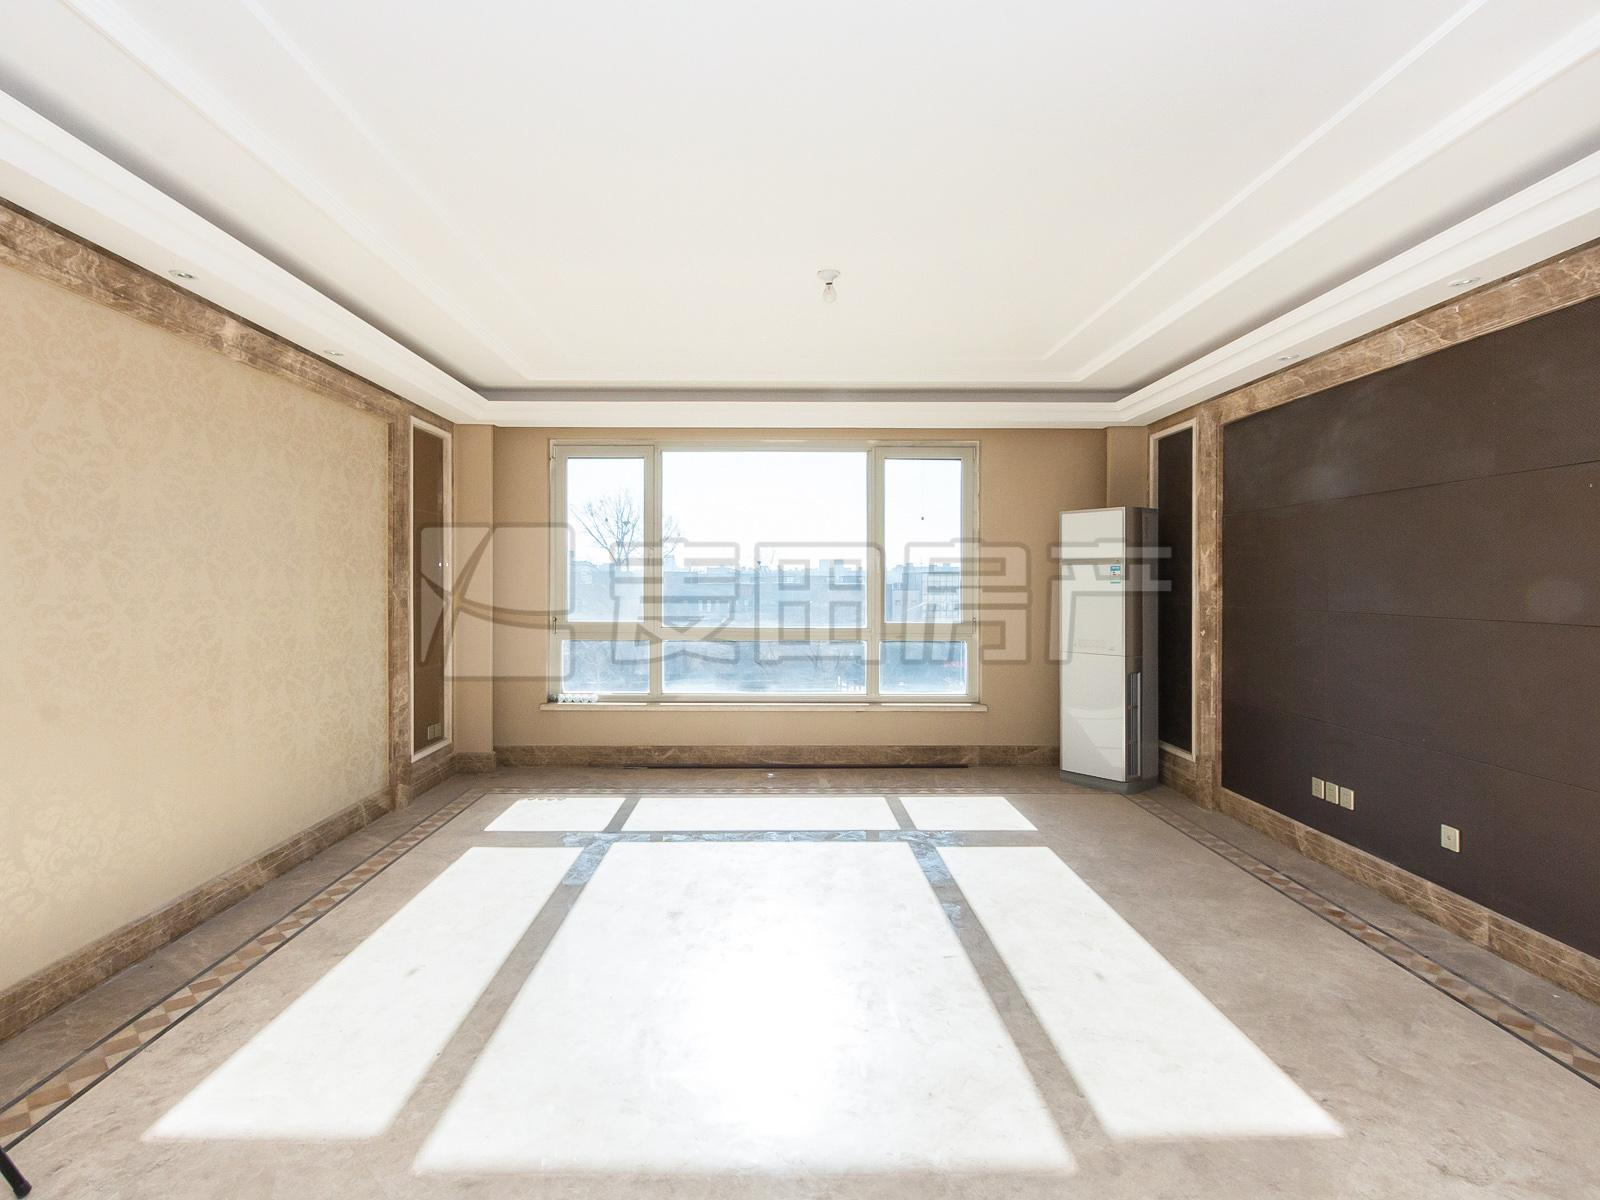 全新房一次未住 随时看房 接受换房8个月 前后无遮挡